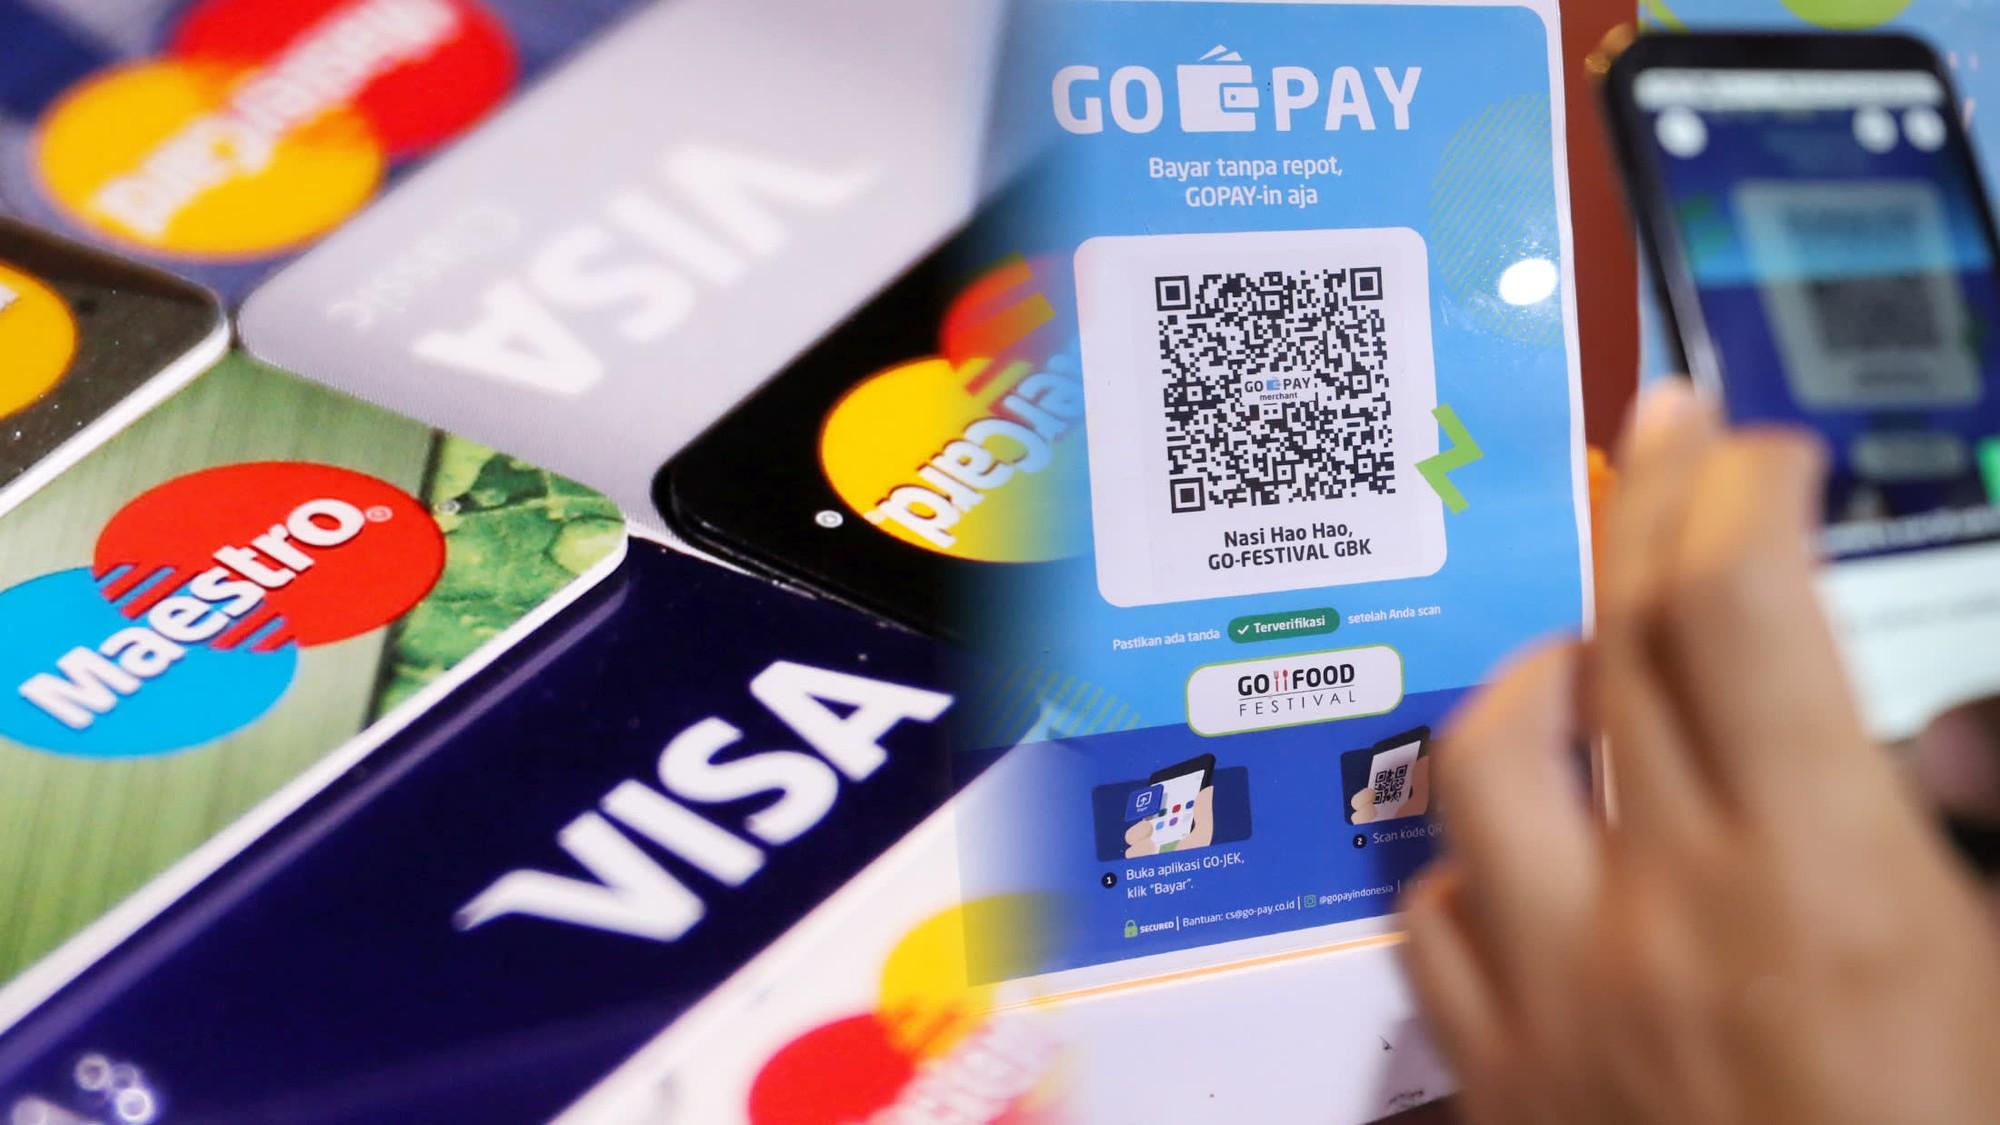 Cuộc đua không tiền mặt tại châu Á: Thẻ visa đang thua ví điện tử - ảnh 2